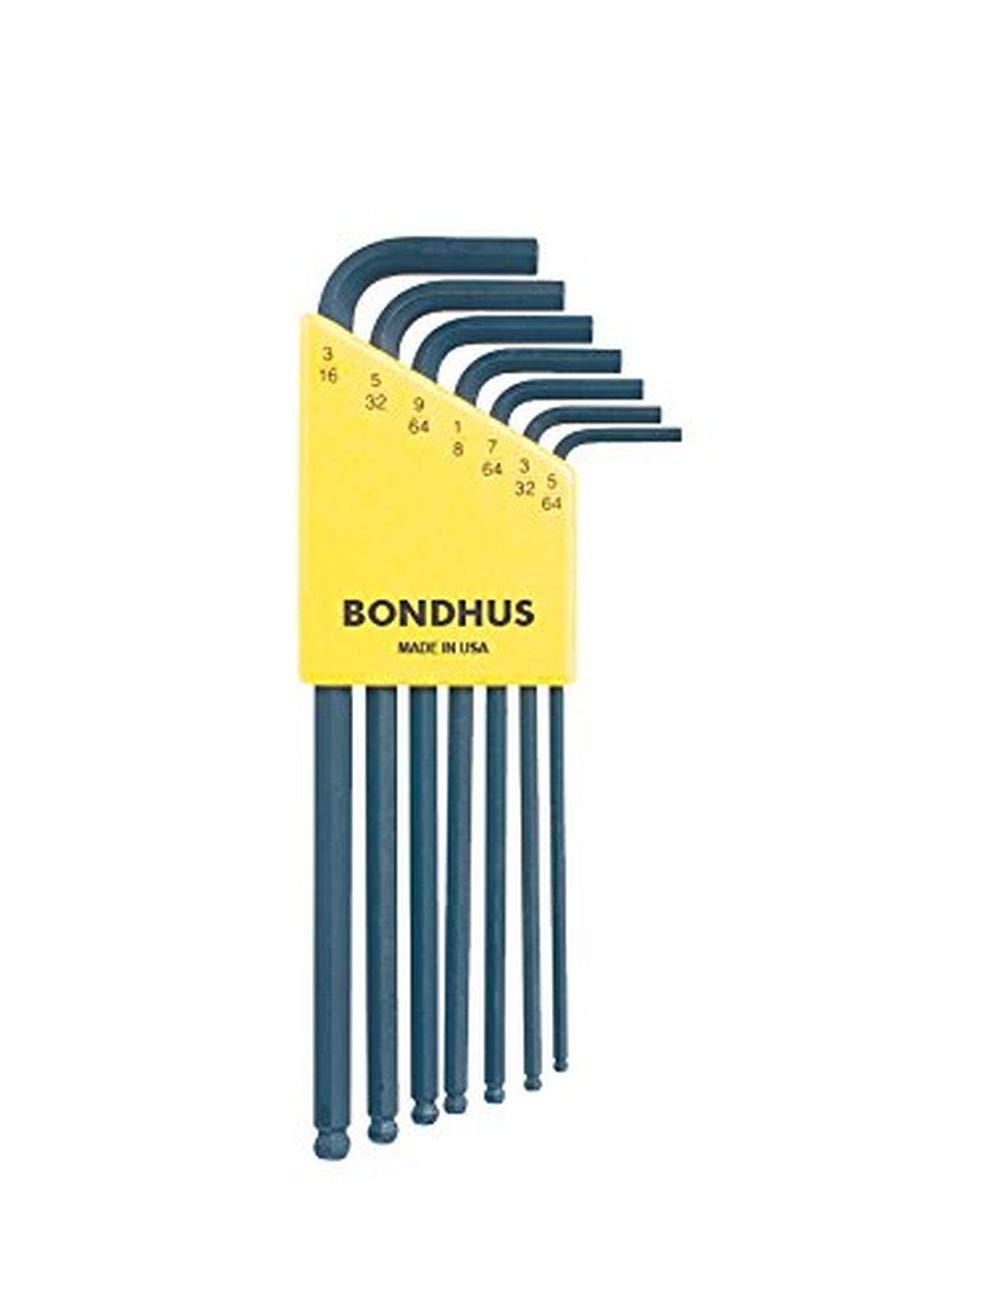 Tagged y barcoded brazo largo Bondhus 16564/5/mm de punta de bola juego de llaves Allen Allen con acabado Proguard